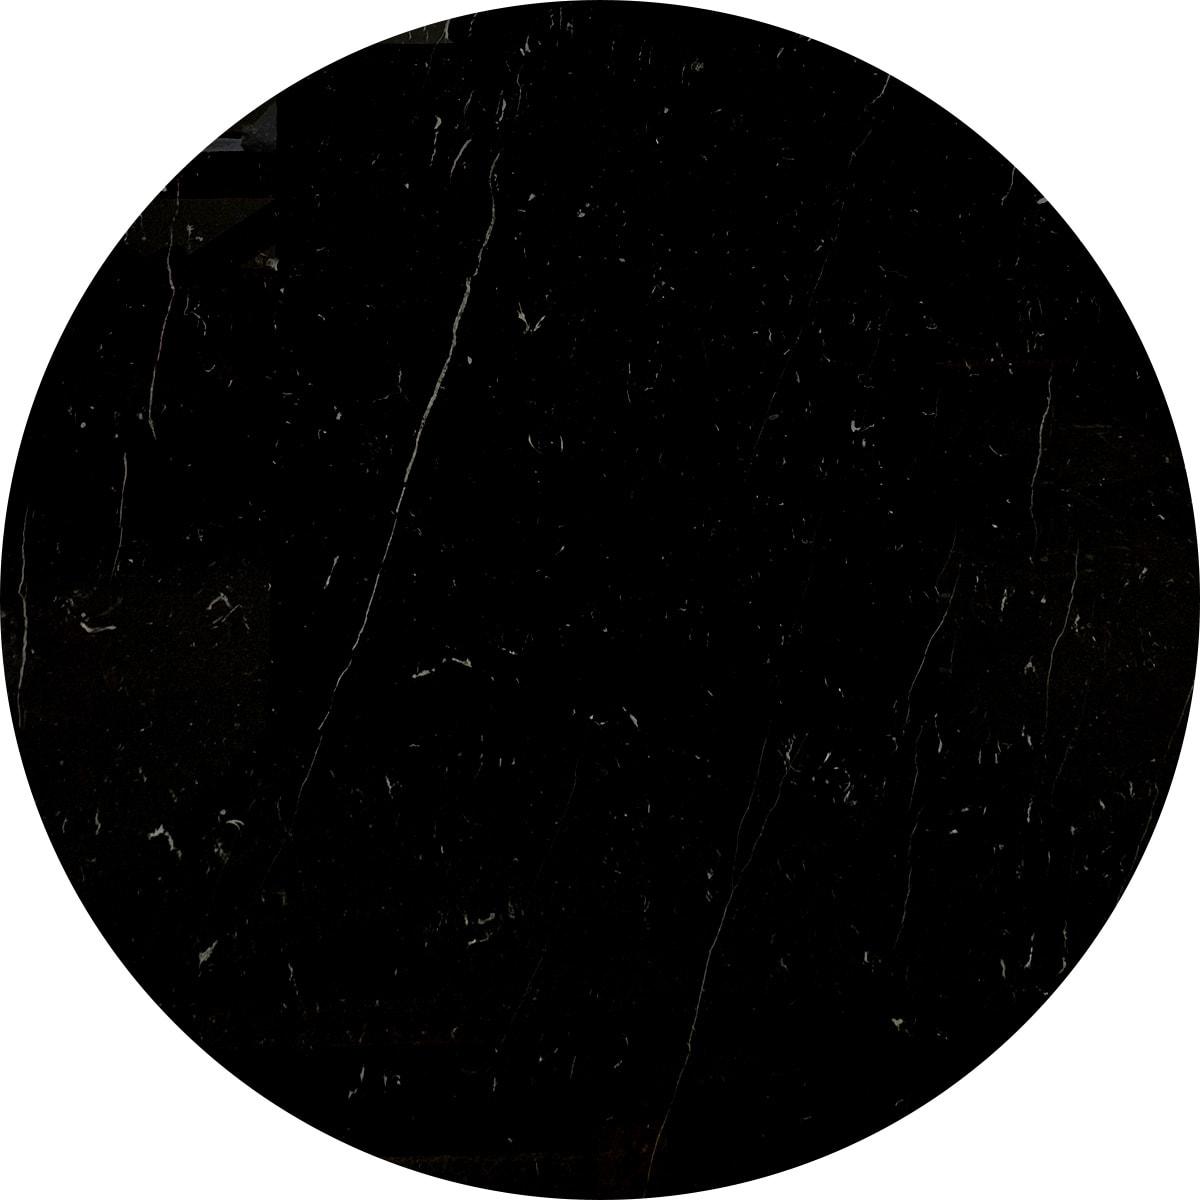 Saarinen Collection Round Tables(サーリネンテーブル) 1200mm ネロマルキーナ 176TRMN1(003)